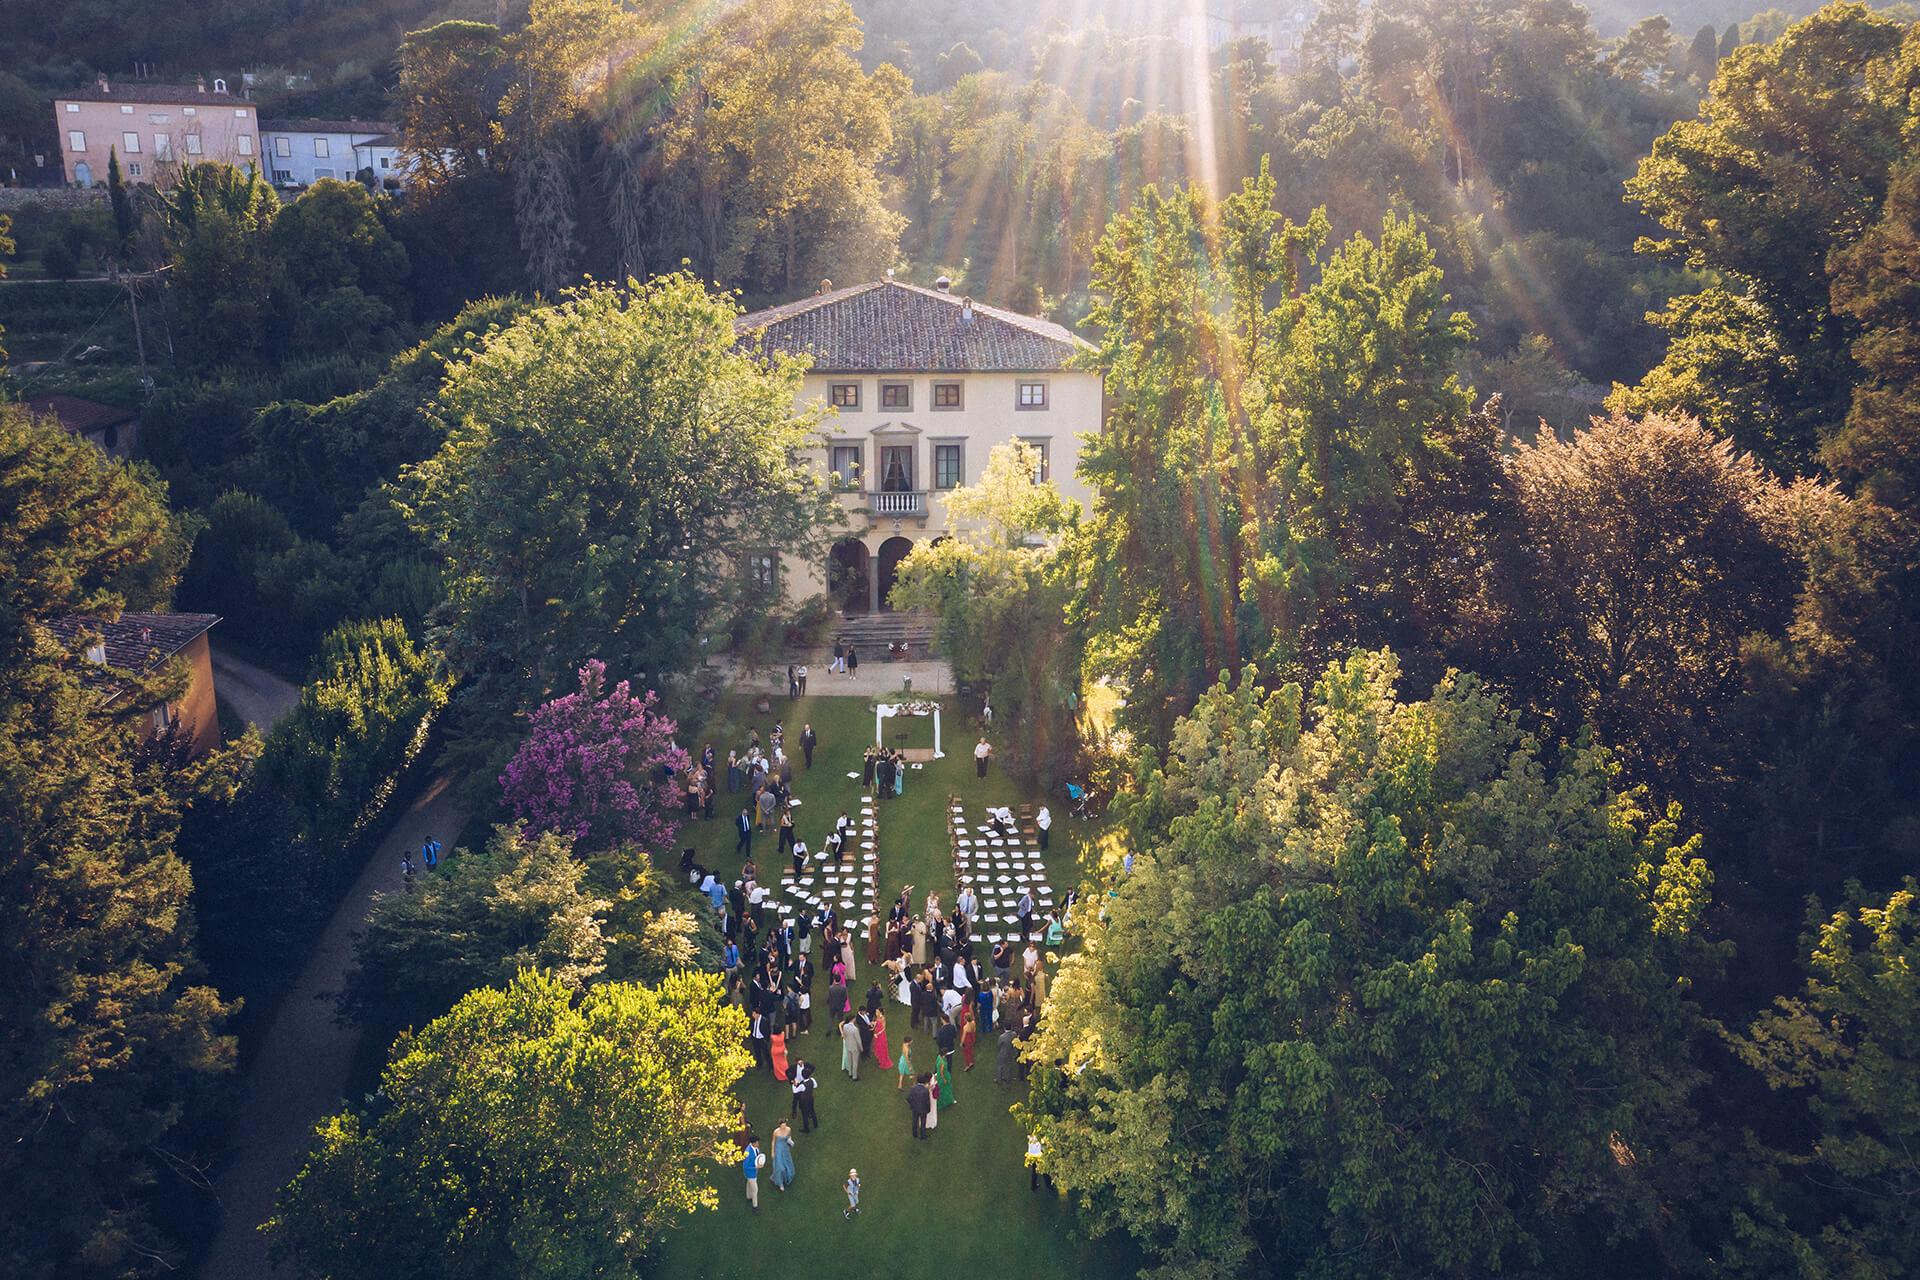 vista dall'alto su villa bernardini durante un ricevimento di matrimonio in giardino